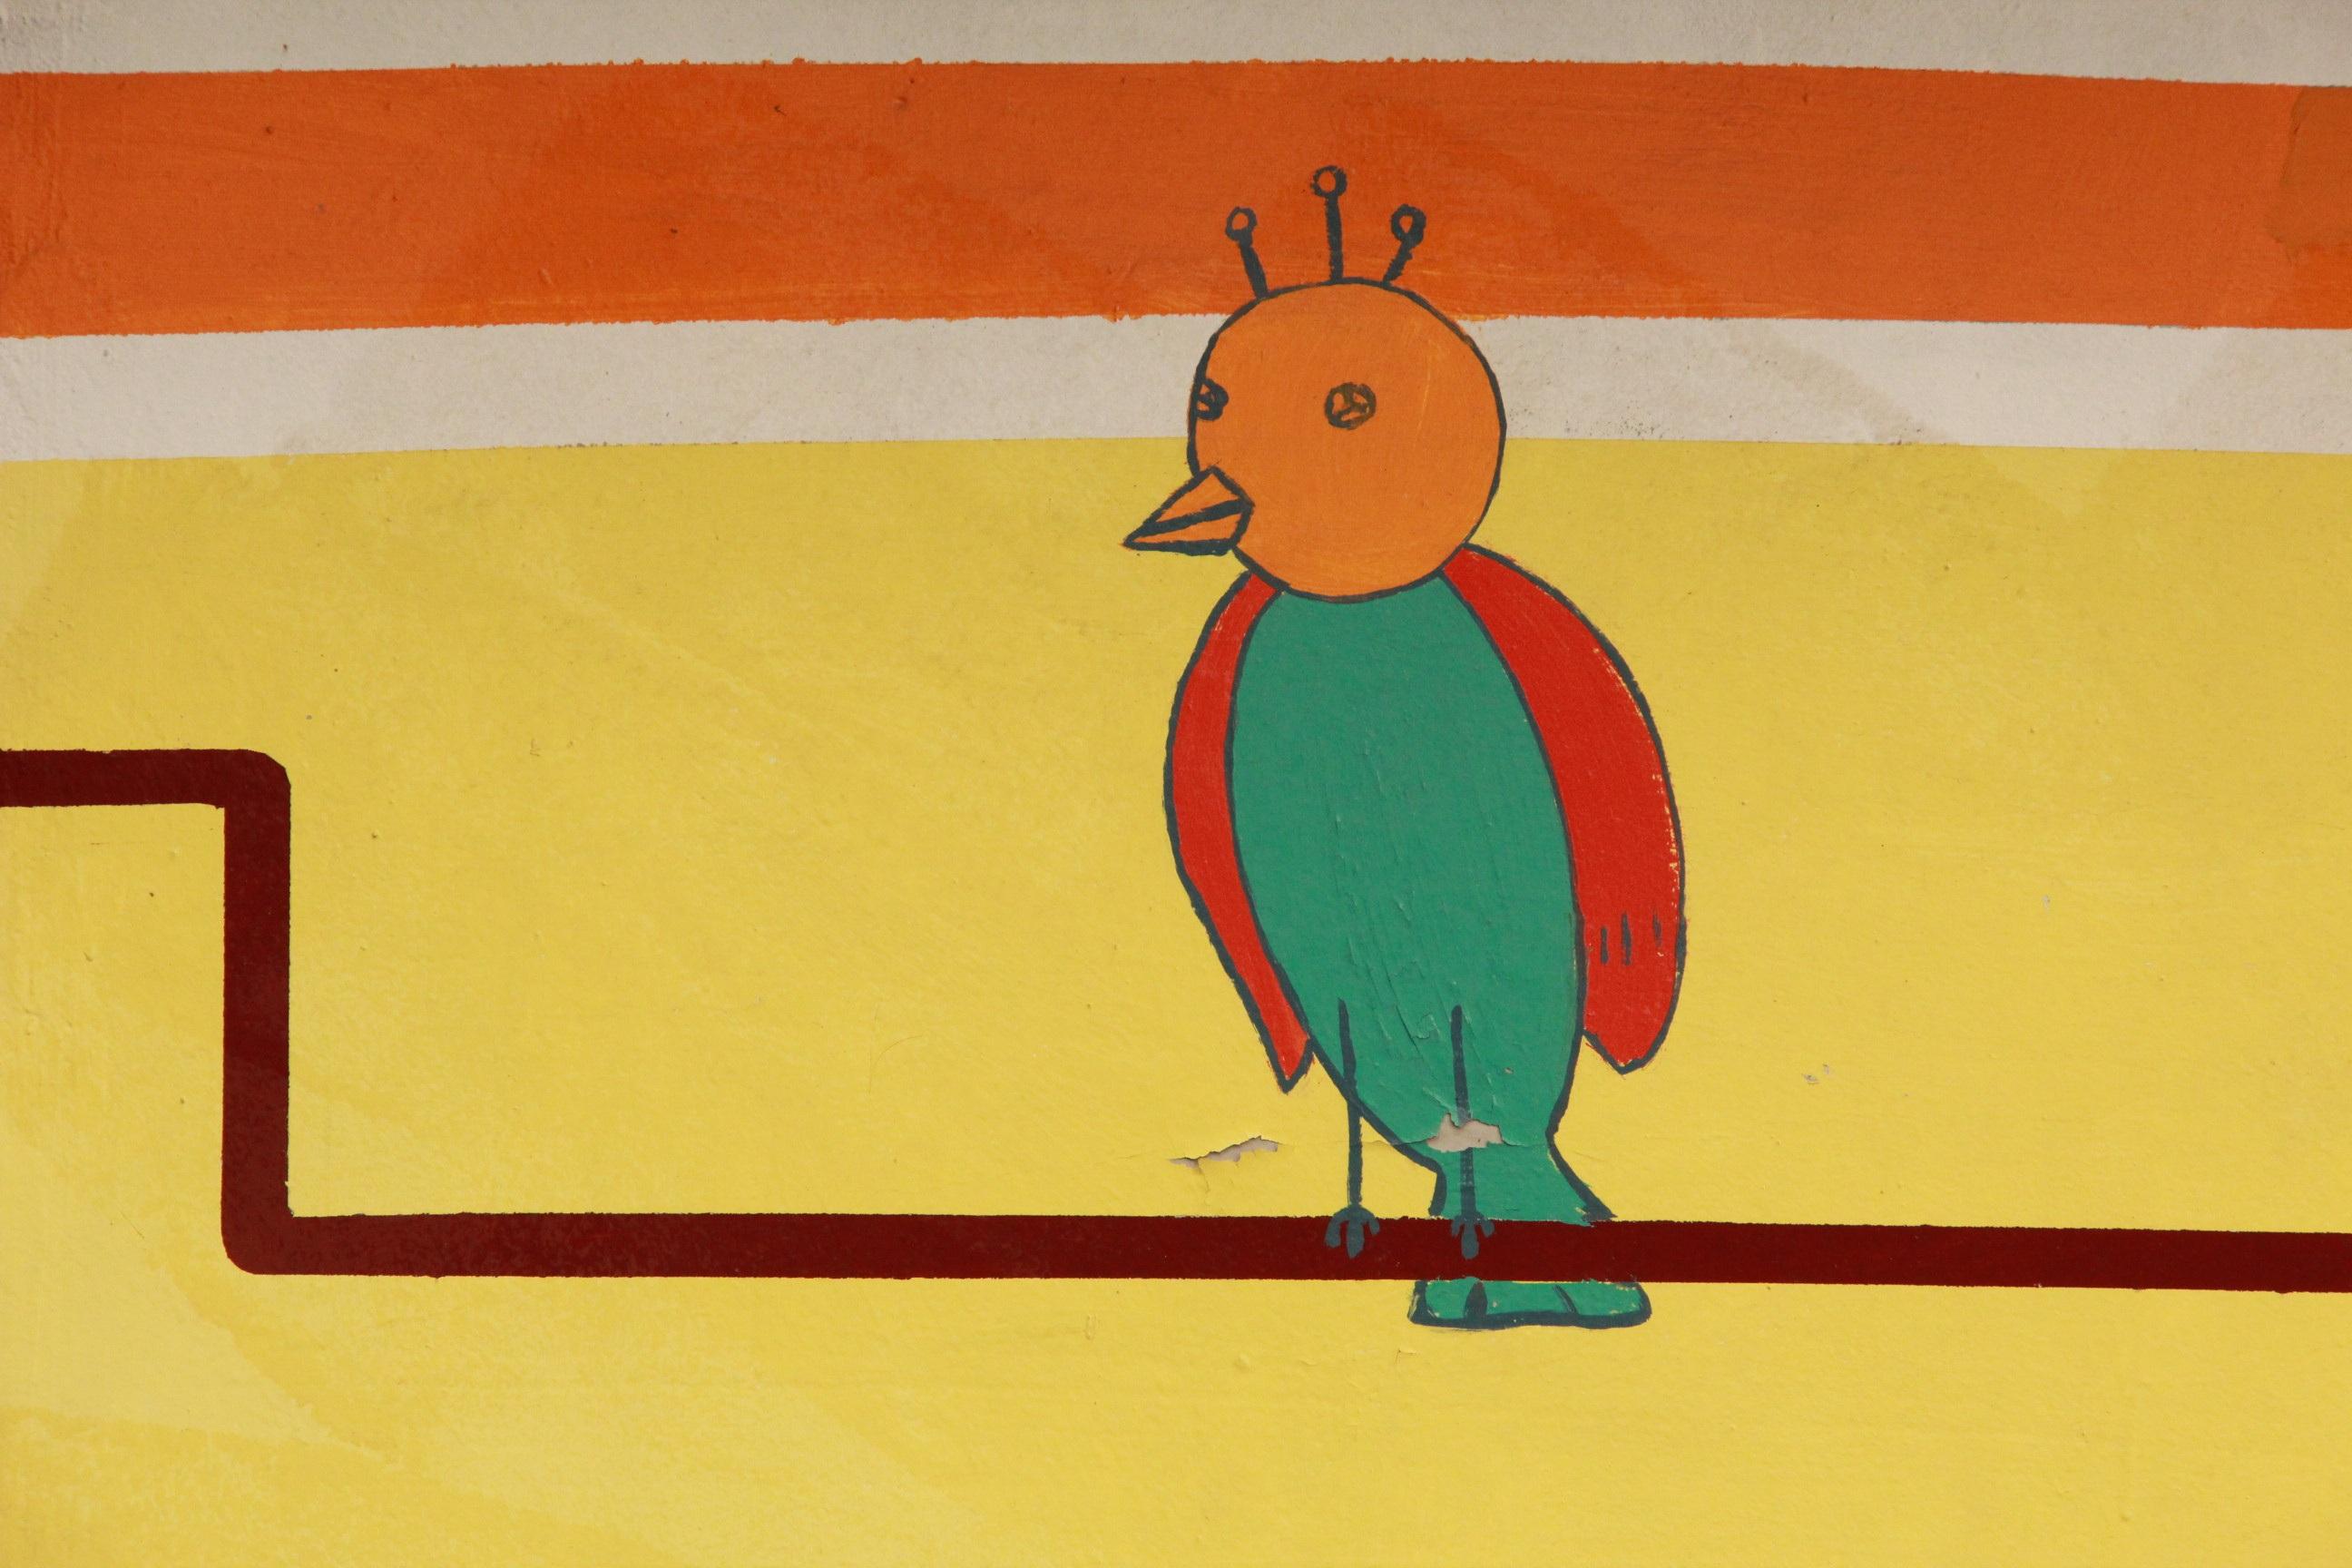 Gambar Warna Kuning Angka Ilustrasi Lukisan Dinding